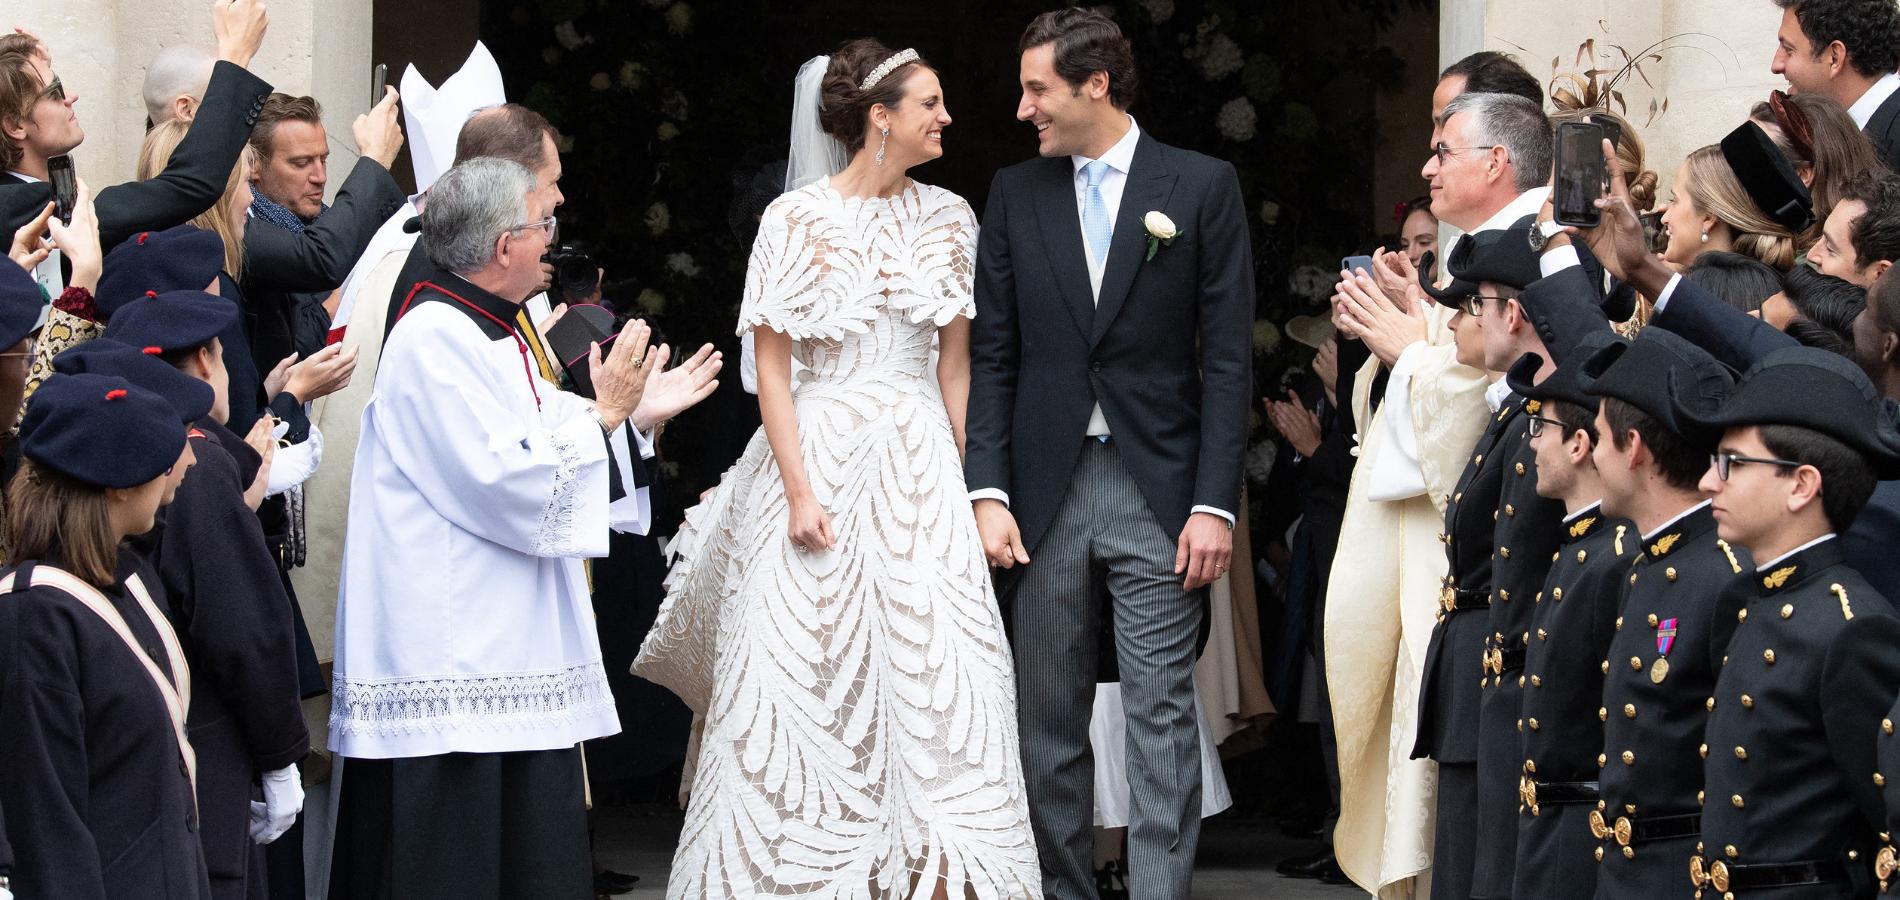 En photos, le mariage de l\u0027héritier de Napoléon et la